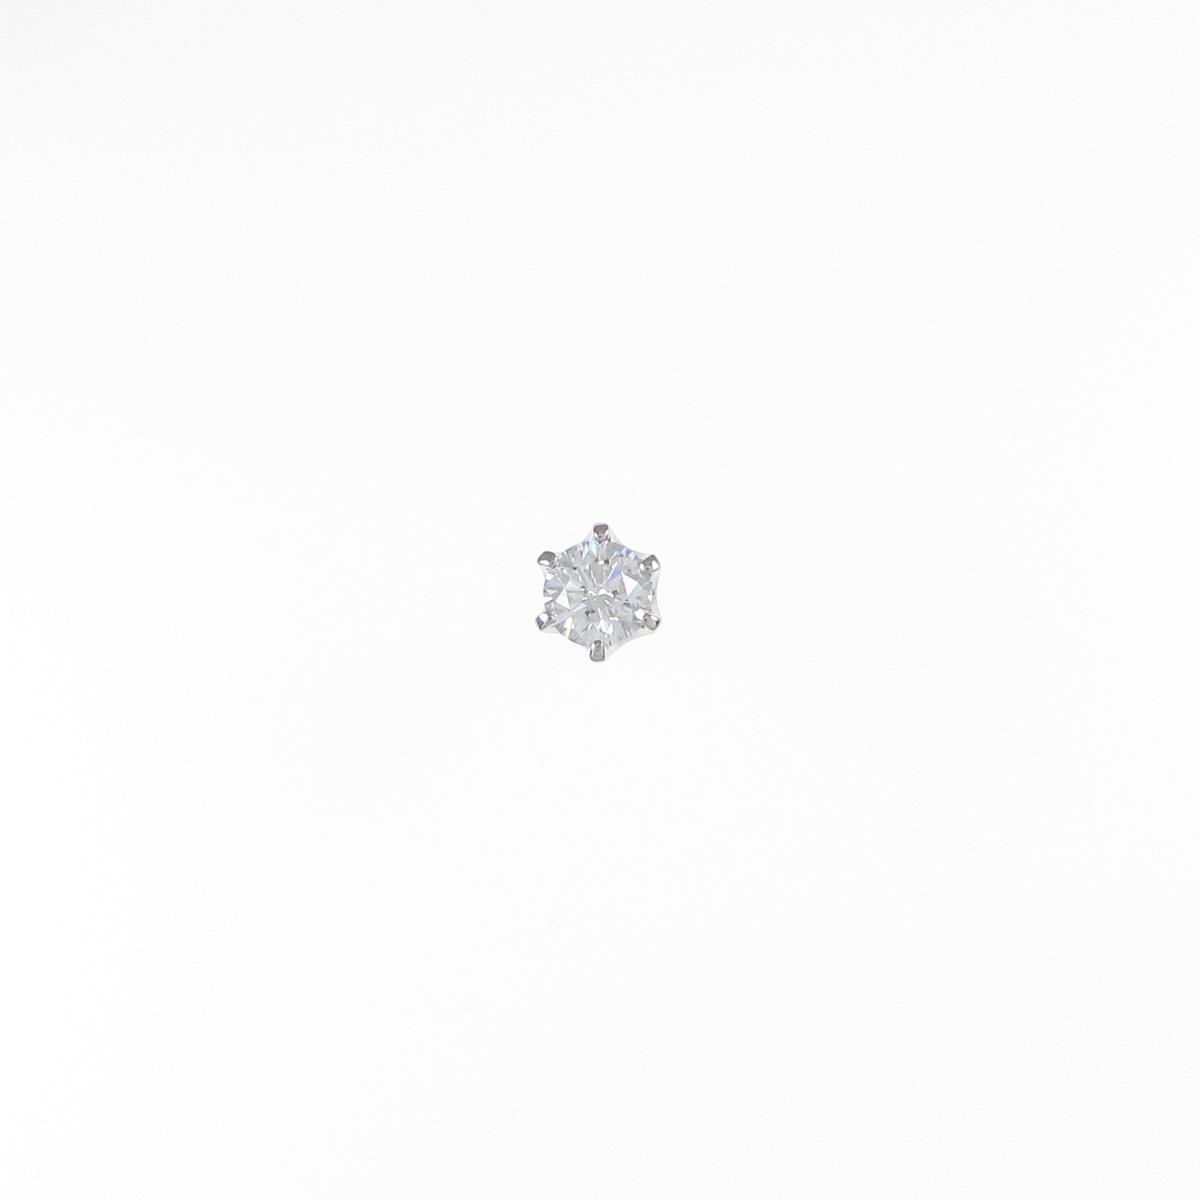 プラチナダイヤモンドピアス 0.348ct・H・SI2・VG 片耳【中古】